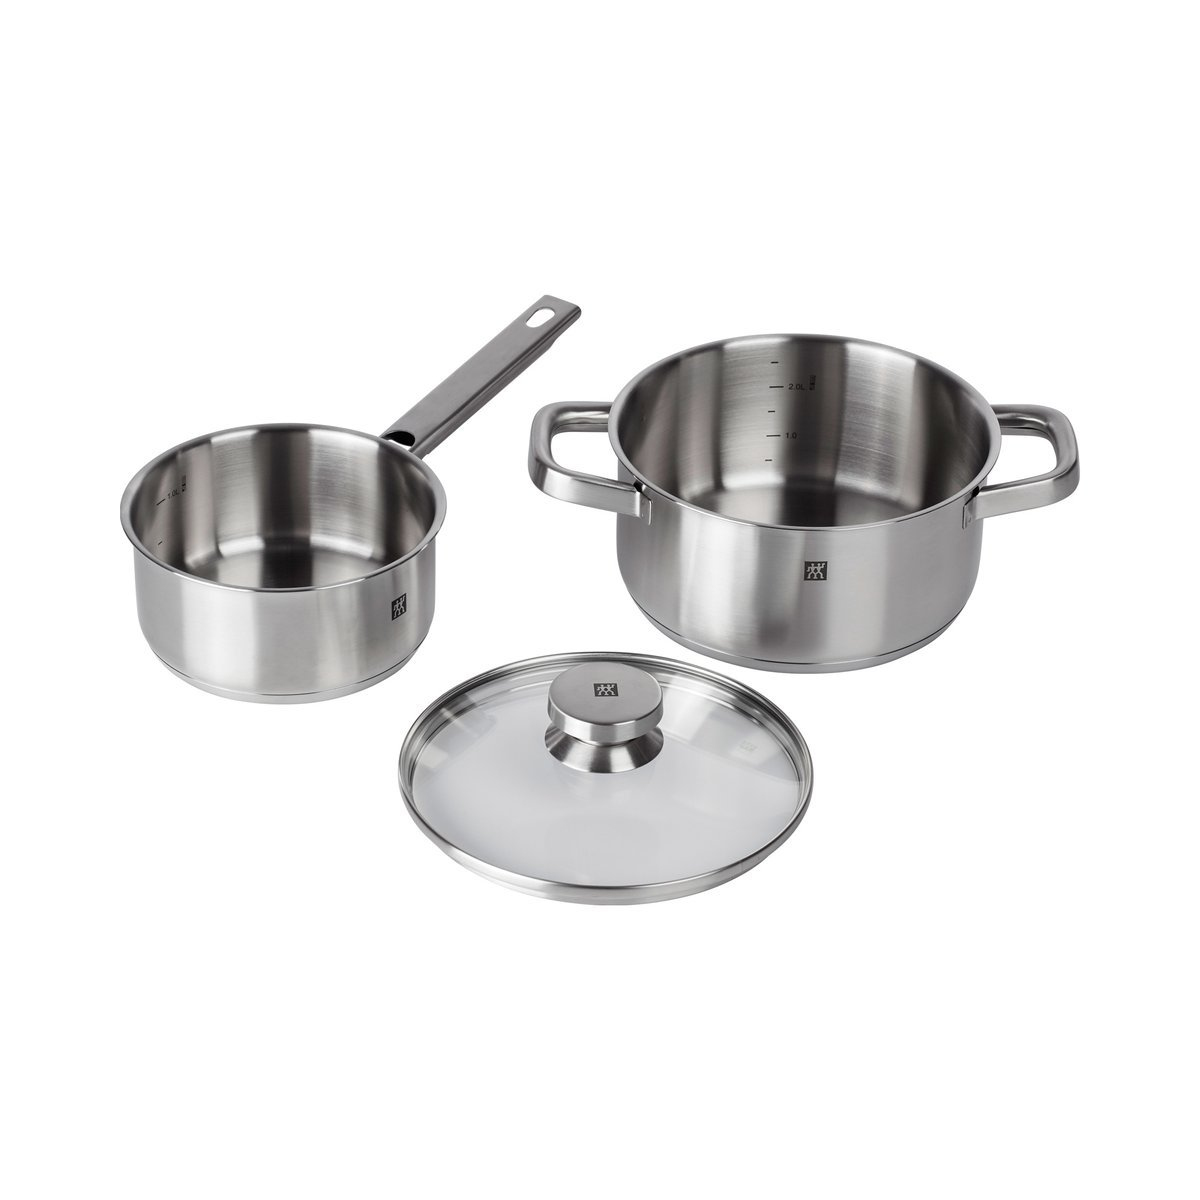 Zwilling Lot de 3 casseroles pour Cuisine Motif Jumeaux 3 pi/èces